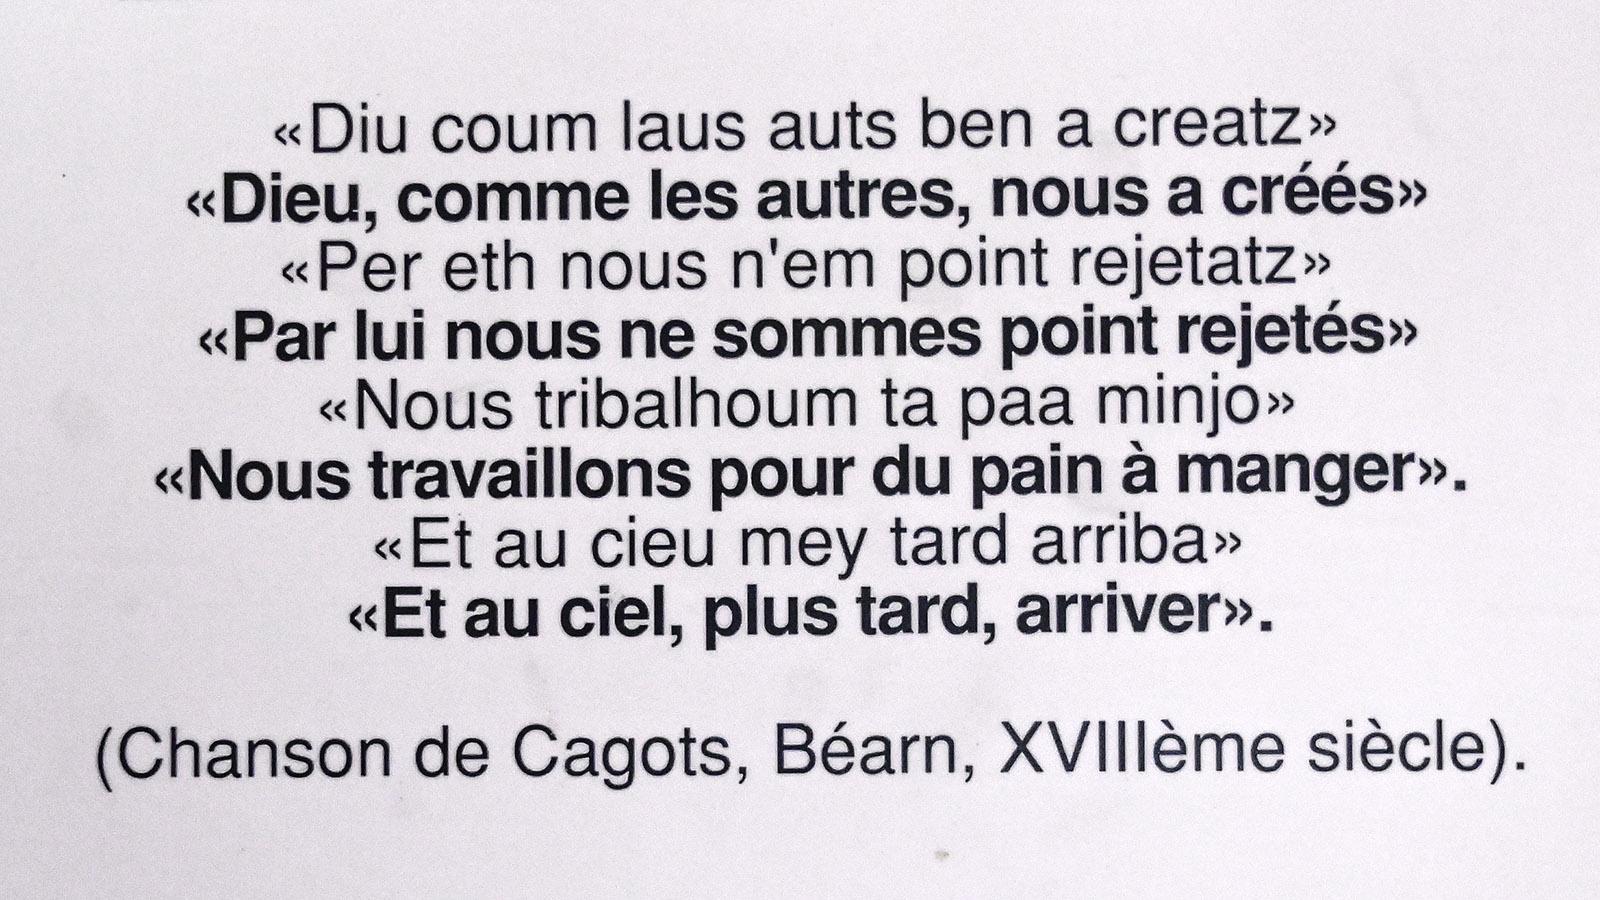 Lied der cagots, ausgestellt im musée des cagots in Arreau. Foto: Hilke Maunder